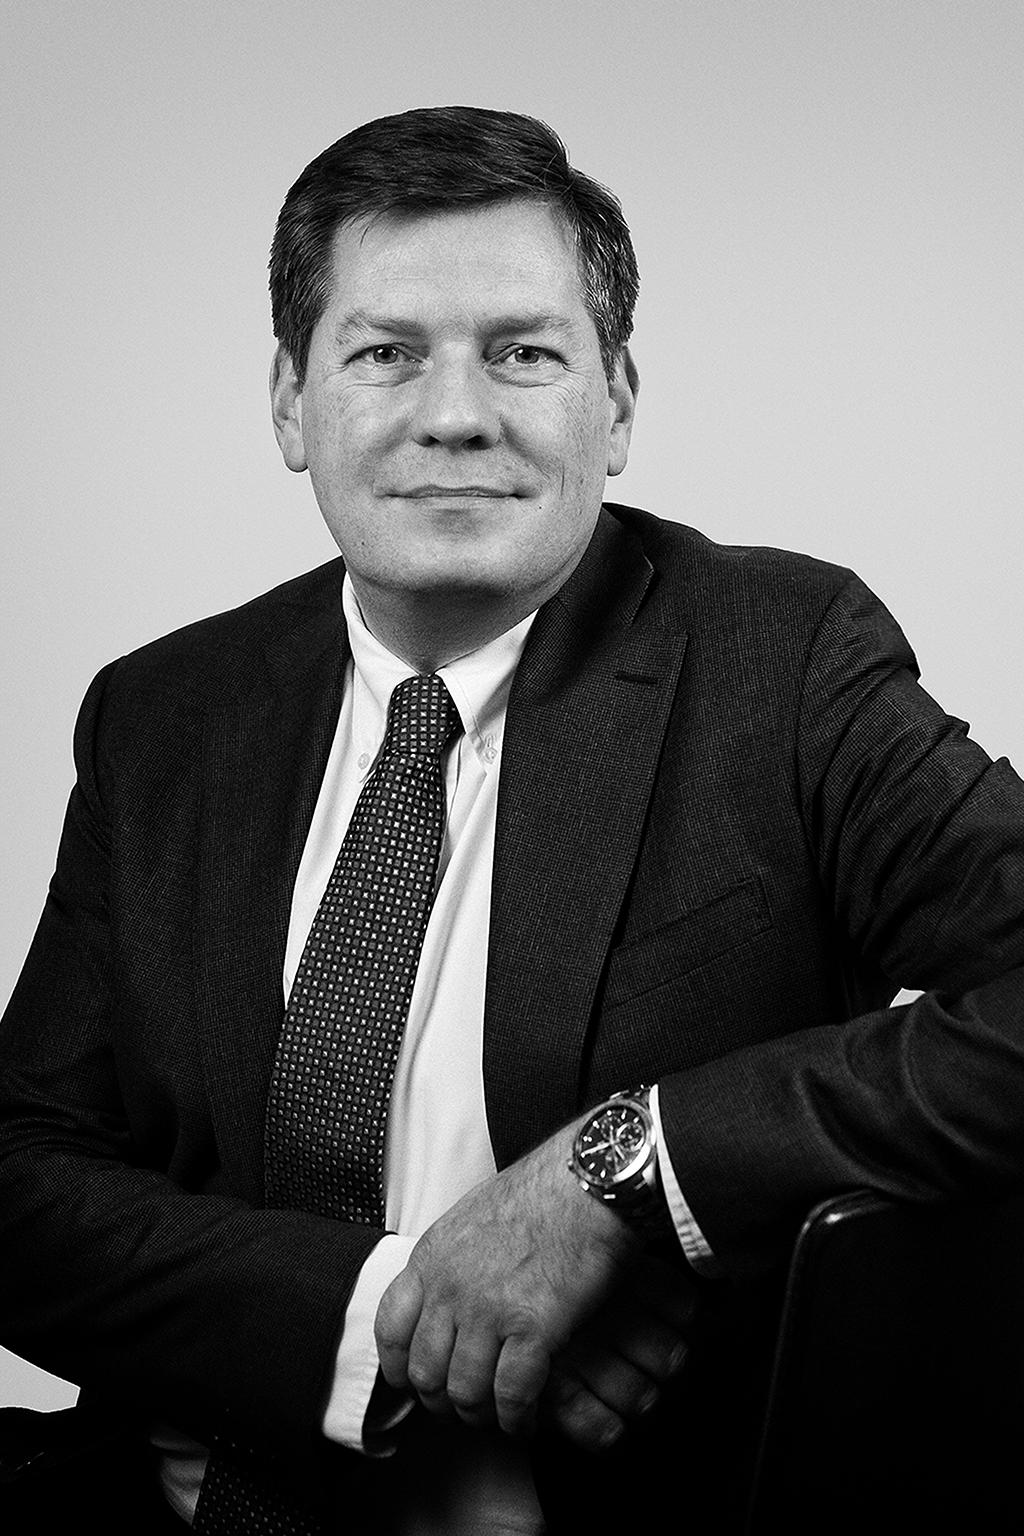 Daniel Muscionico